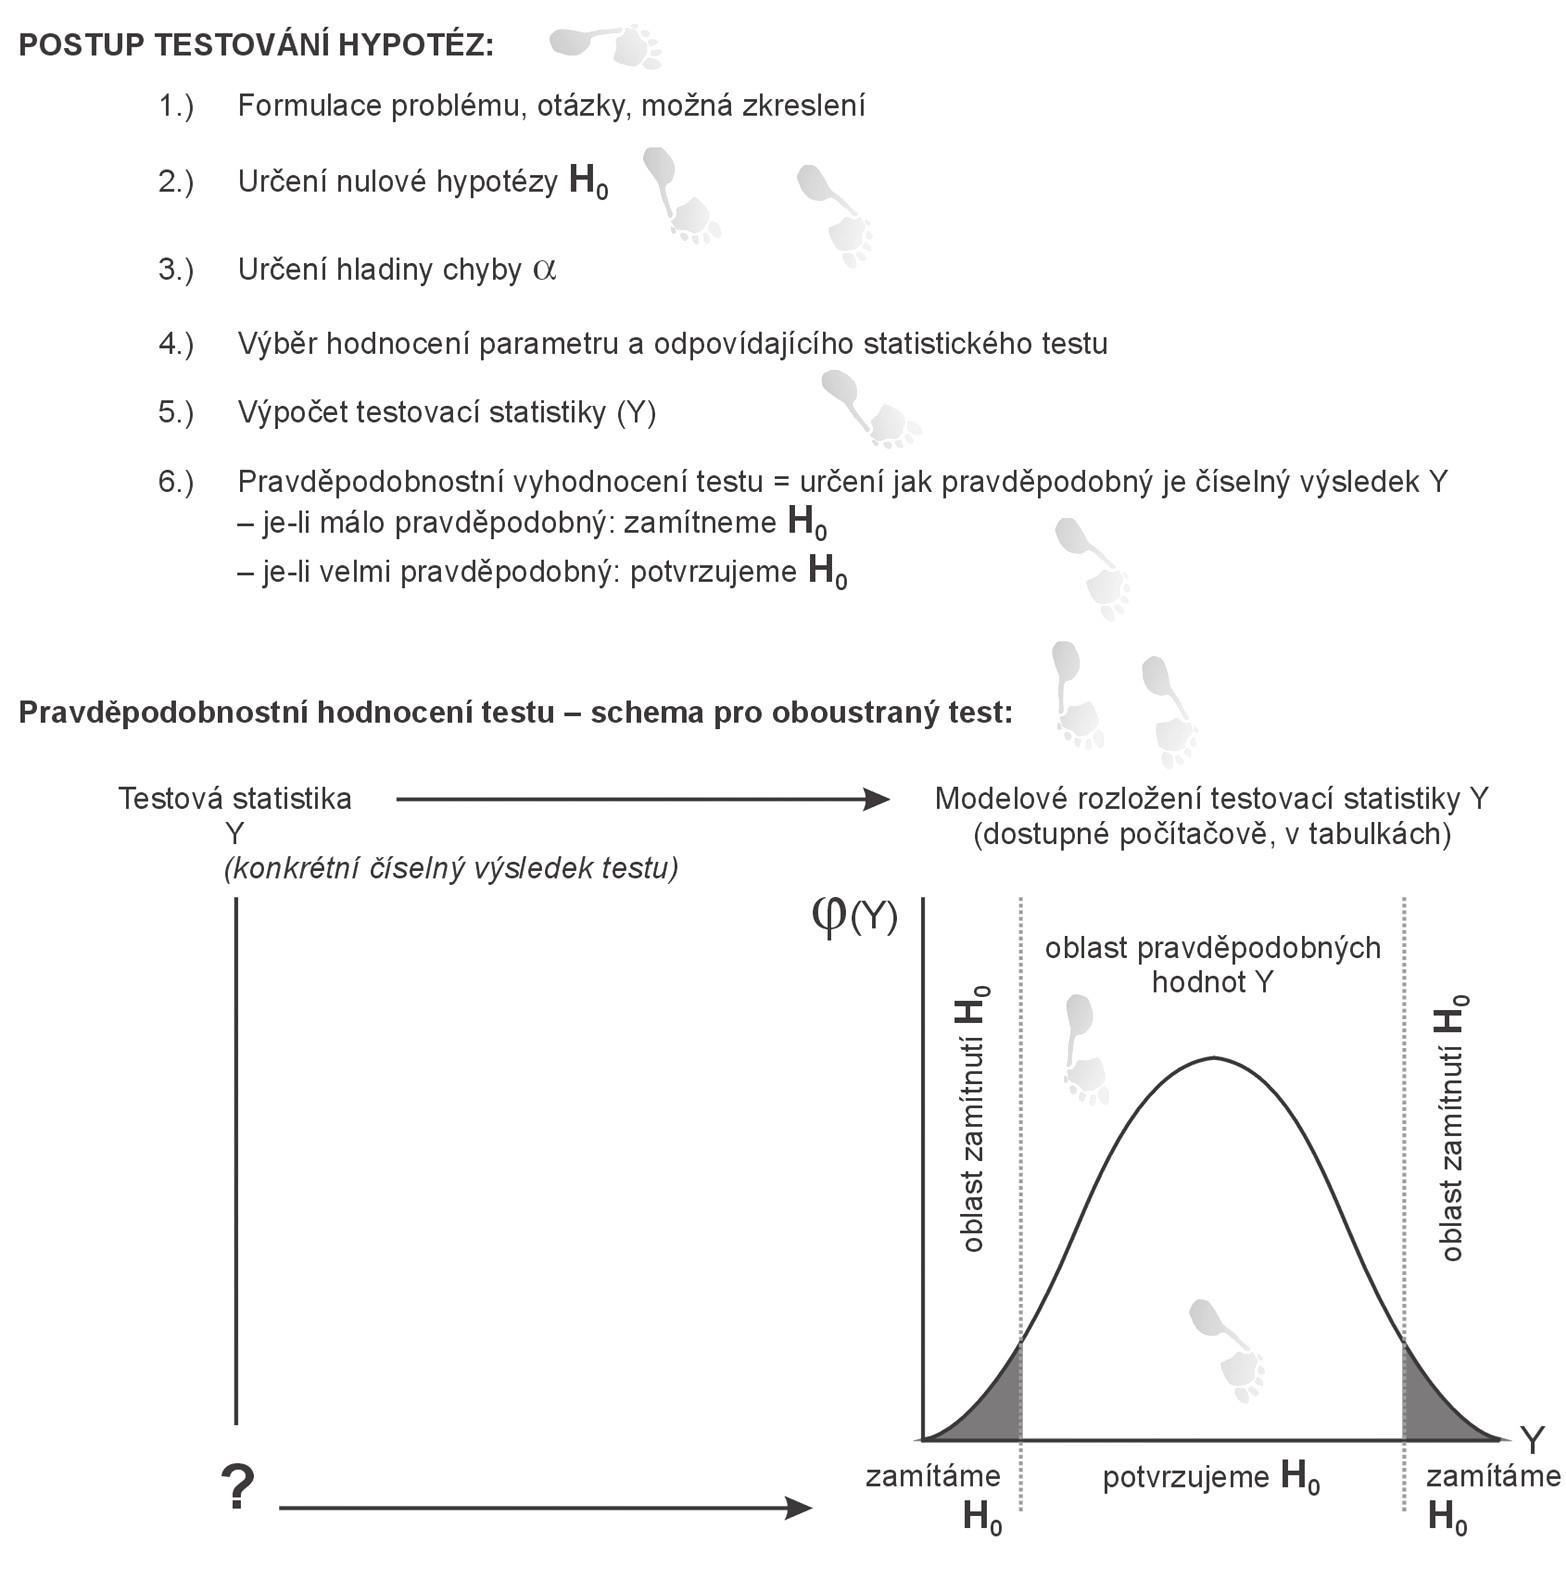 Schéma znázorňující nutné kroky při statistickém testování.